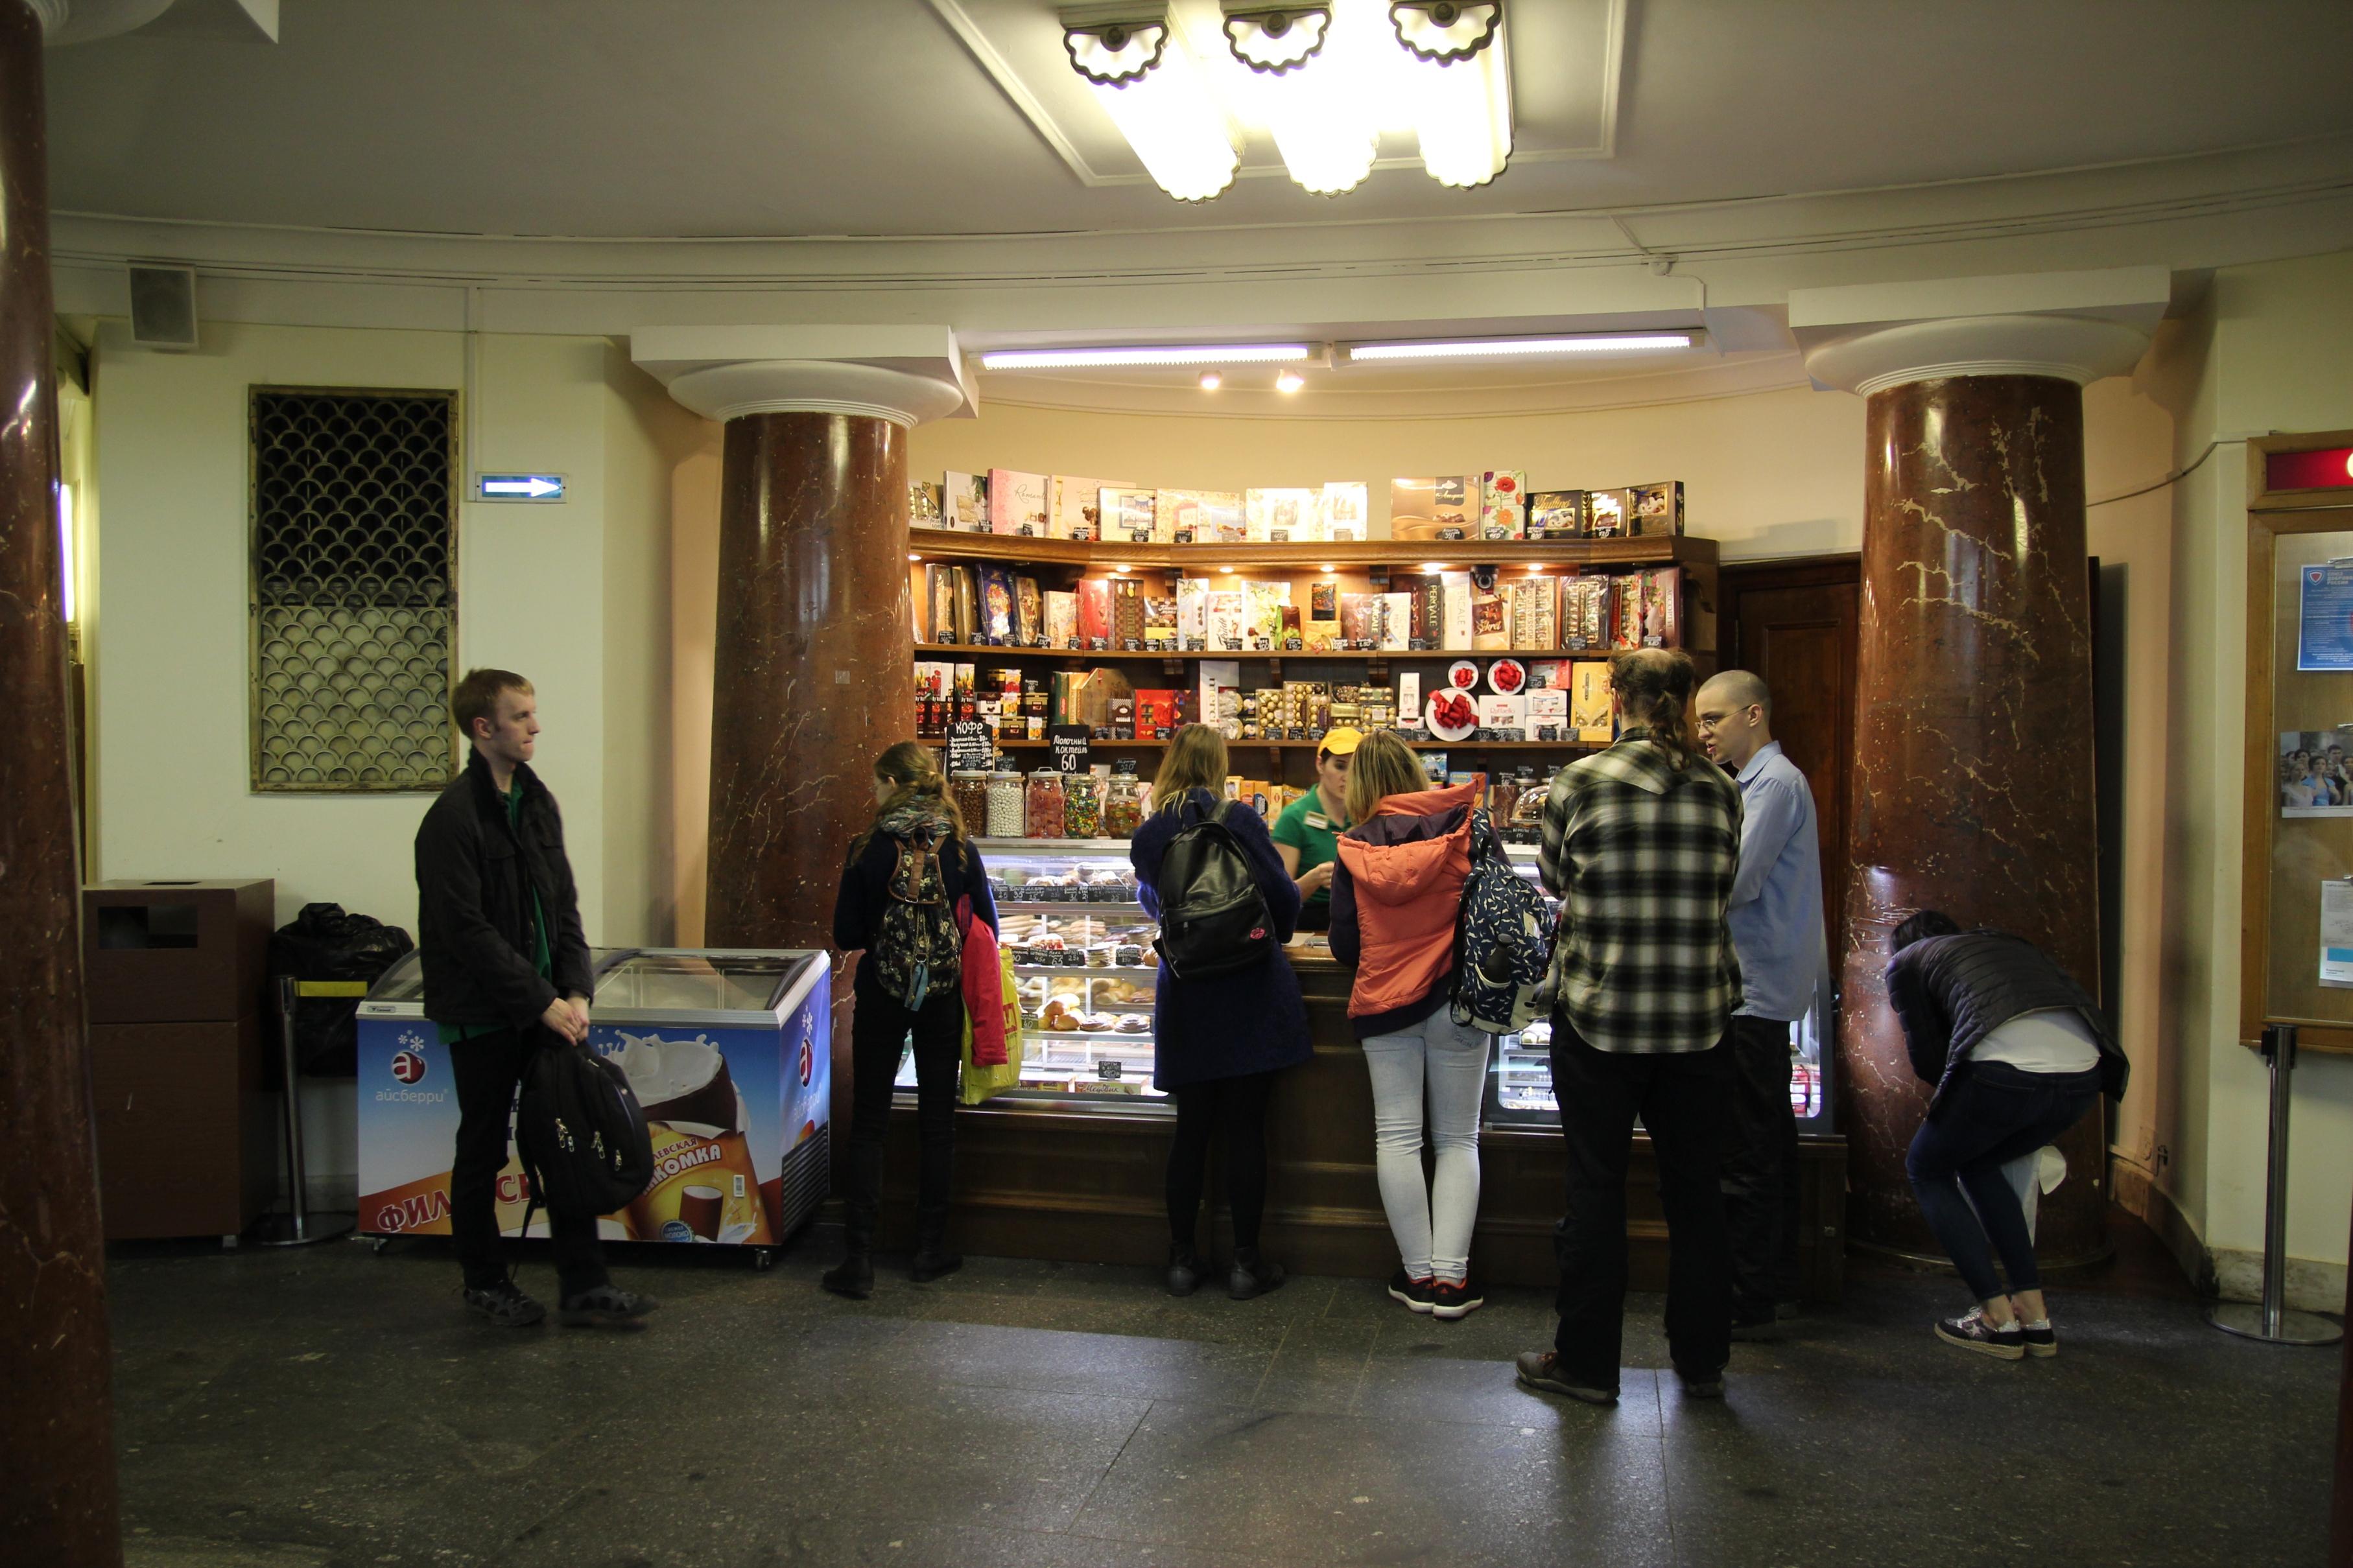 Sok ilyen bolt található az épületben, van ahol kizárólag teát és kávét lehet venni.